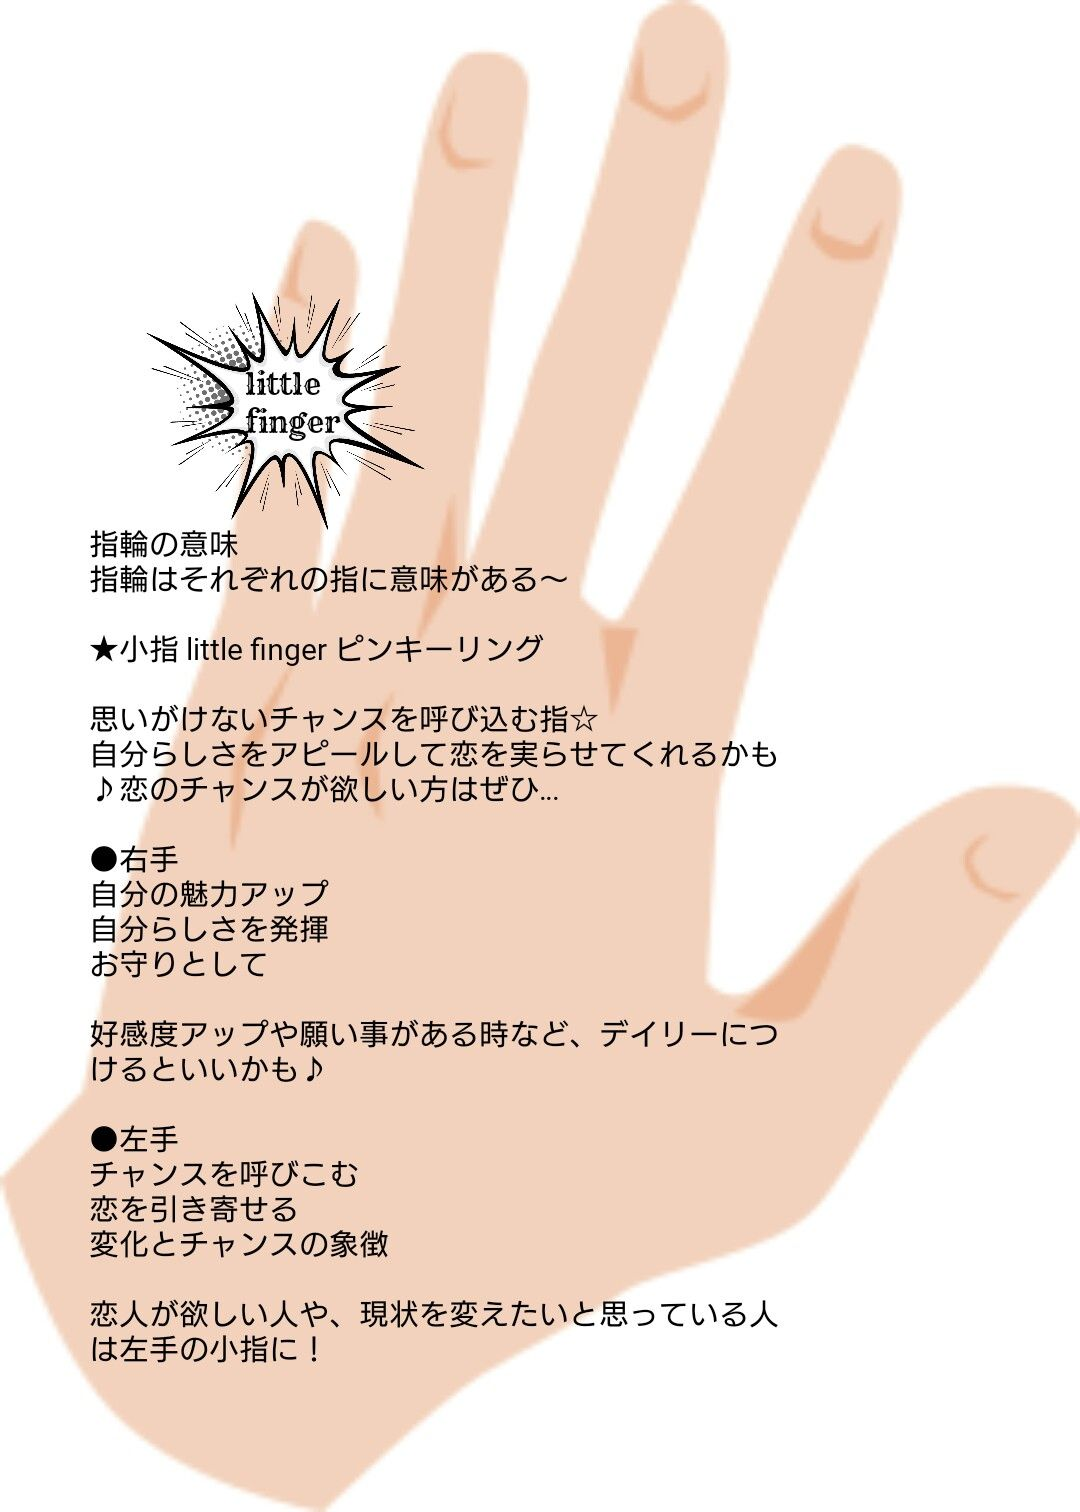 小指 指輪 の 意味 右手